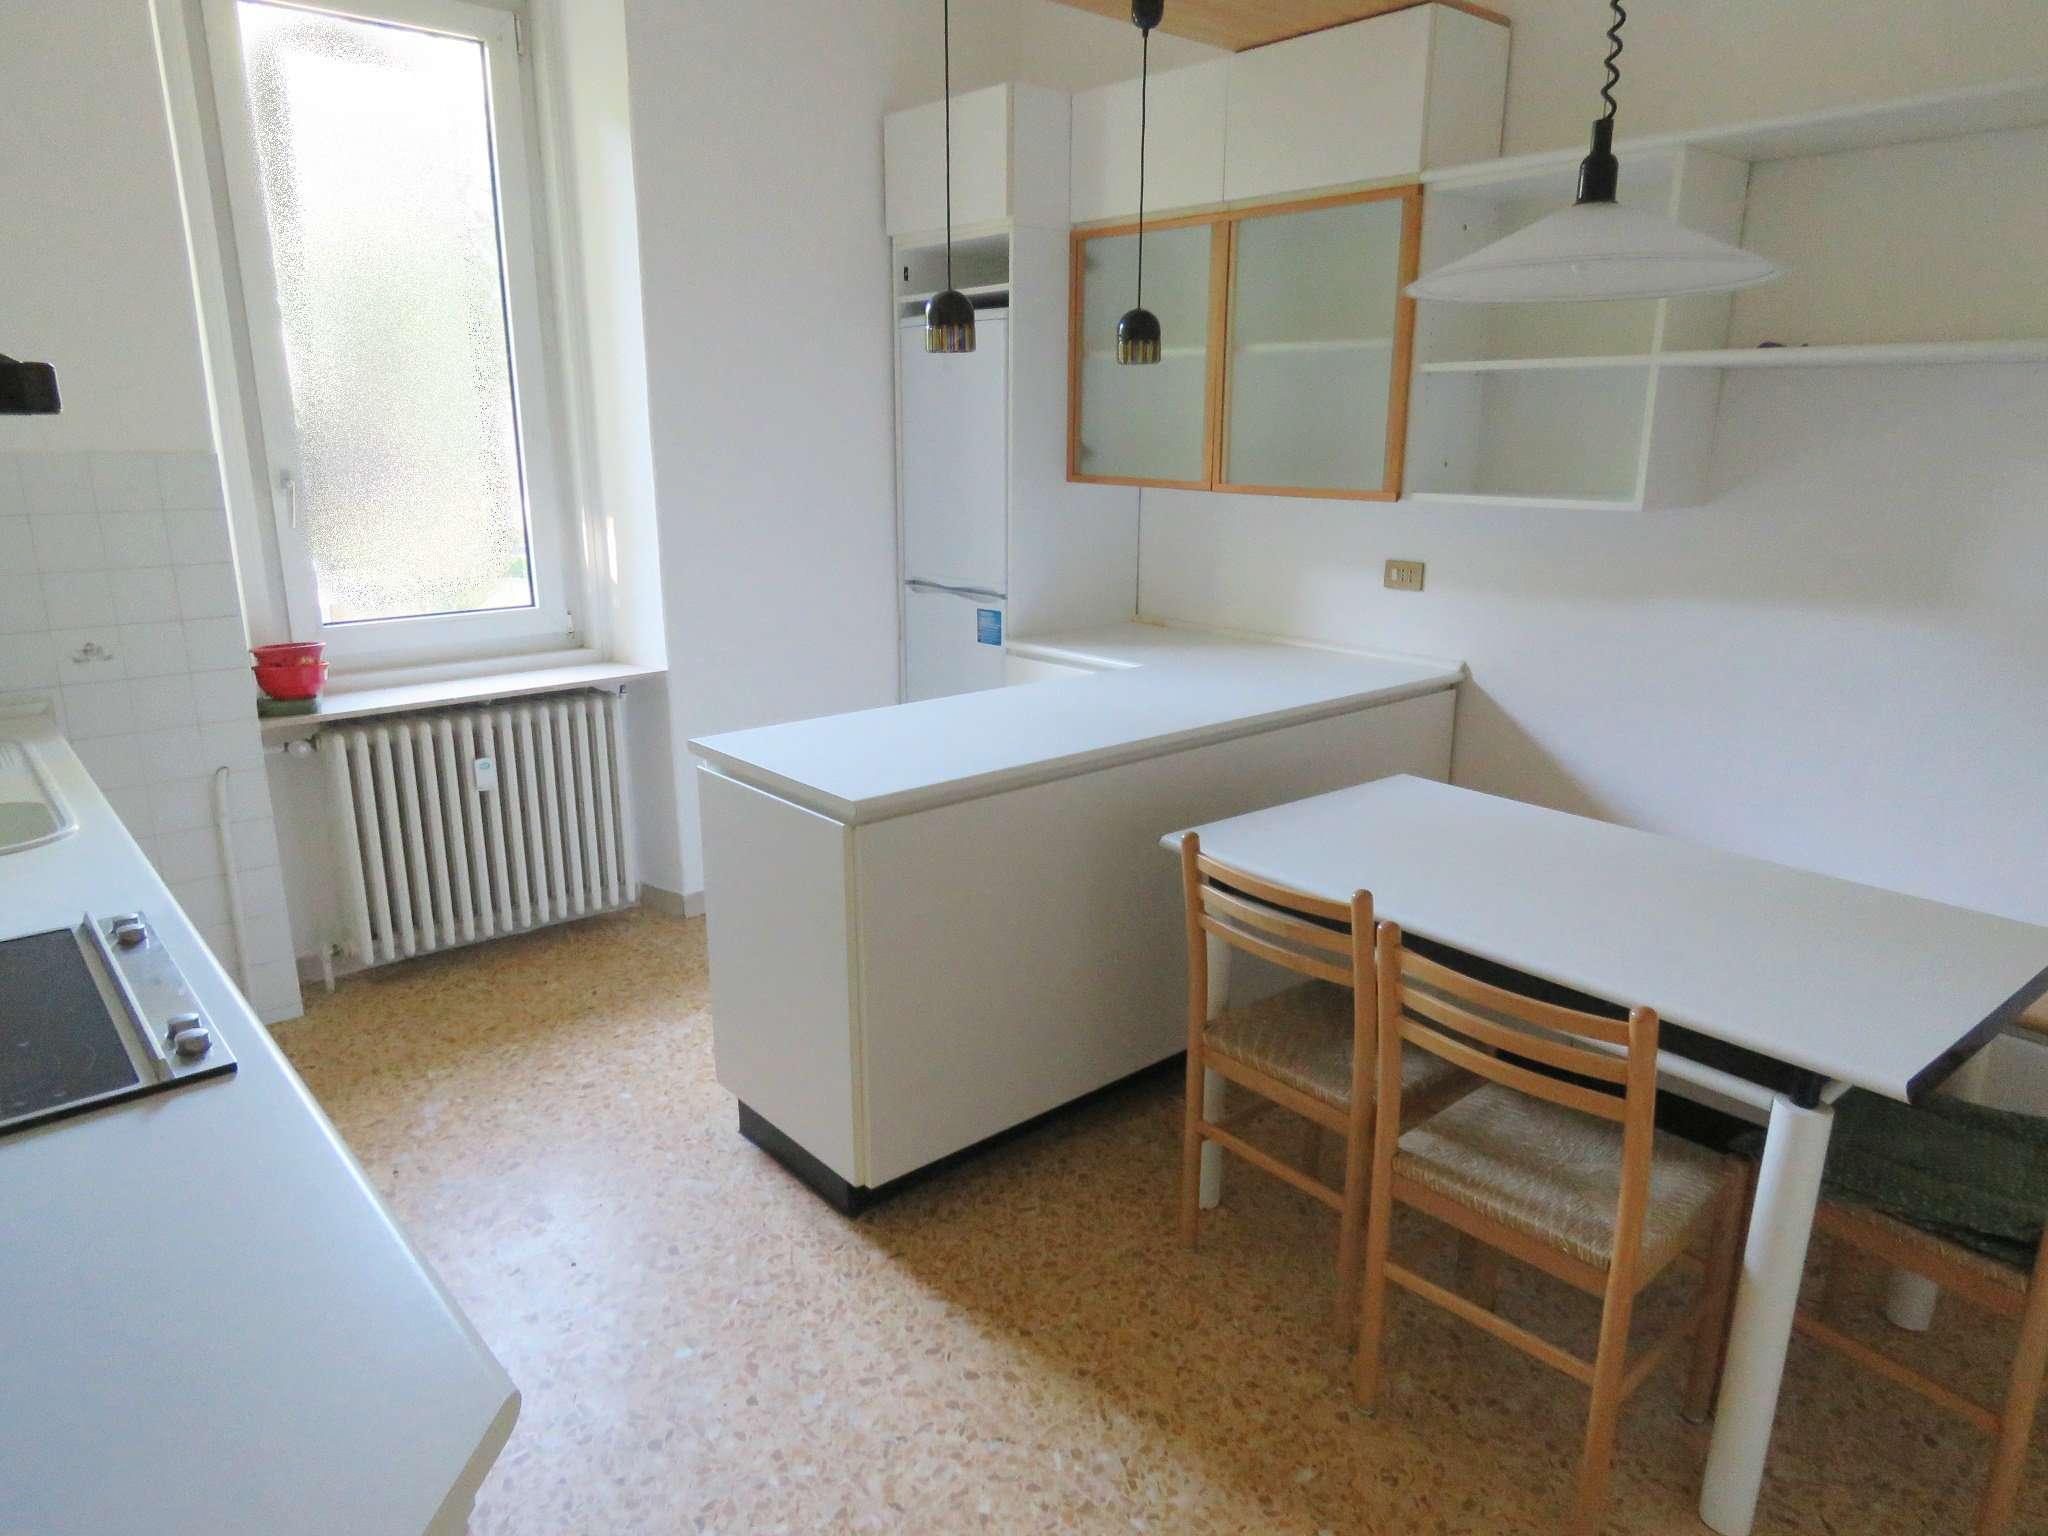 Bilocale Merano Via Delle Palade 1